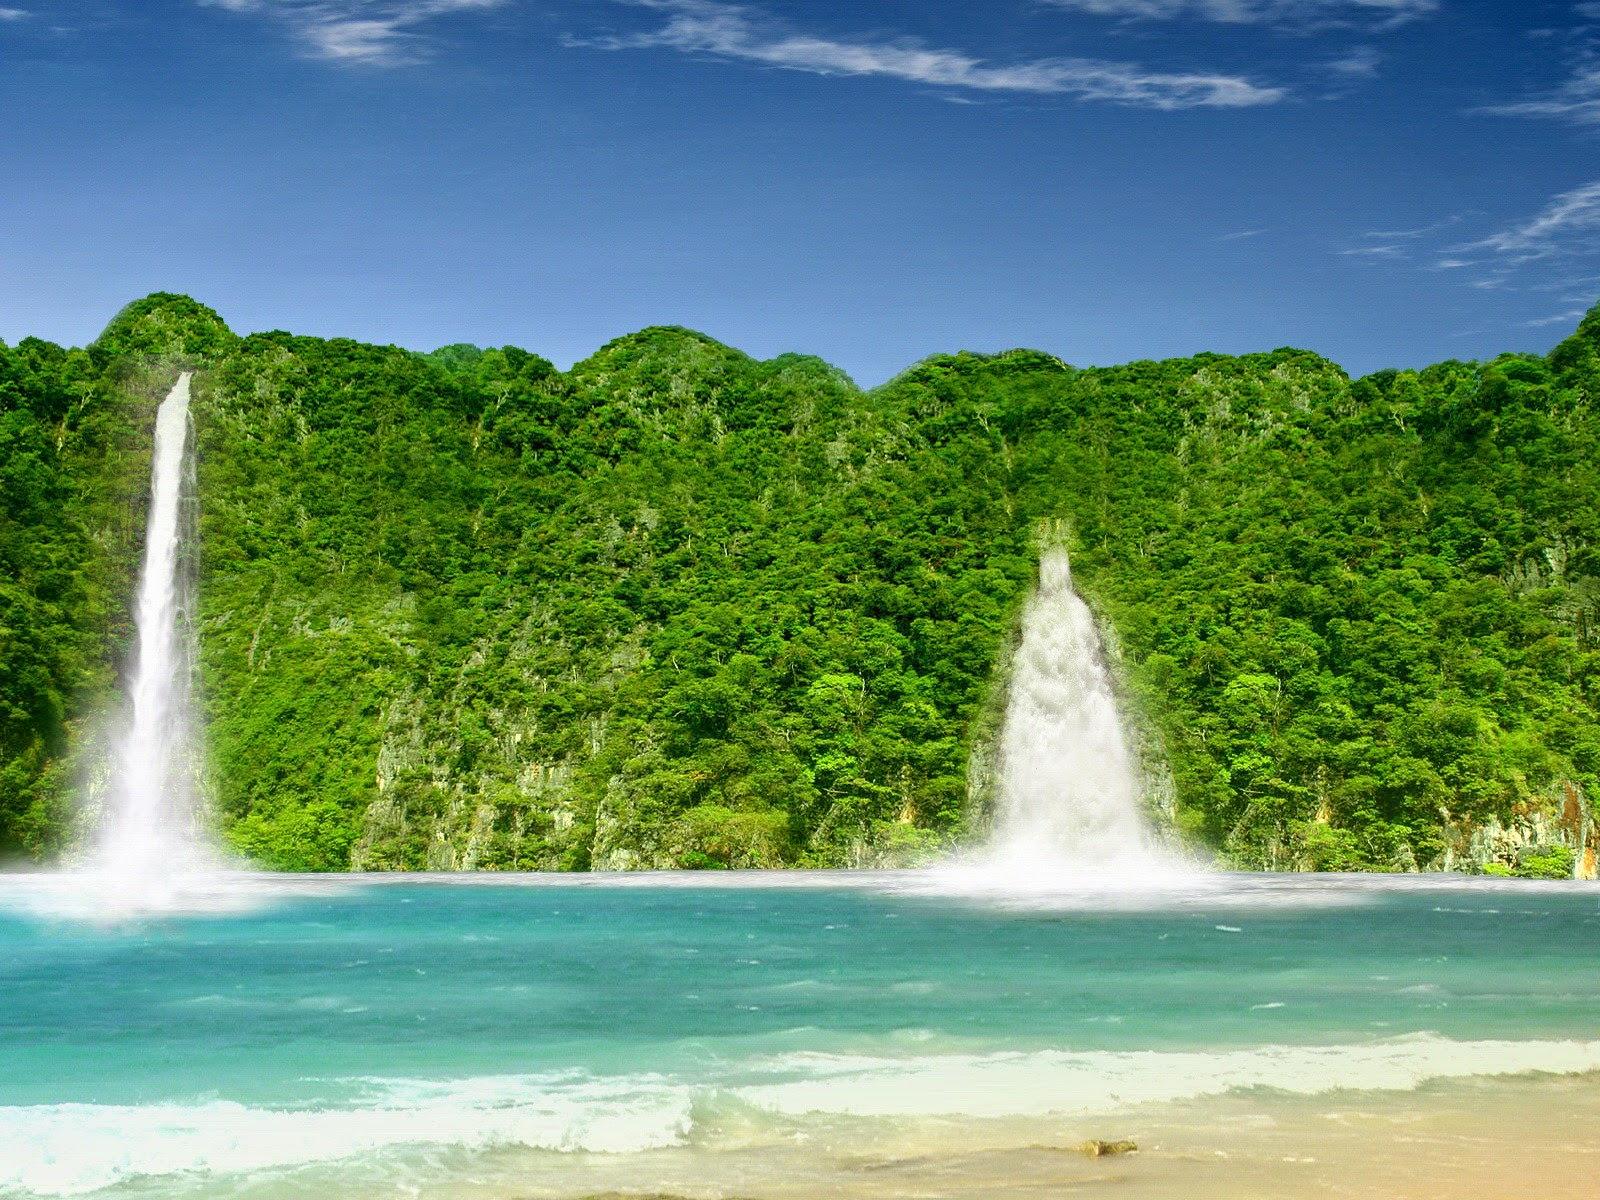 hình nền thác nước đẹp nhất